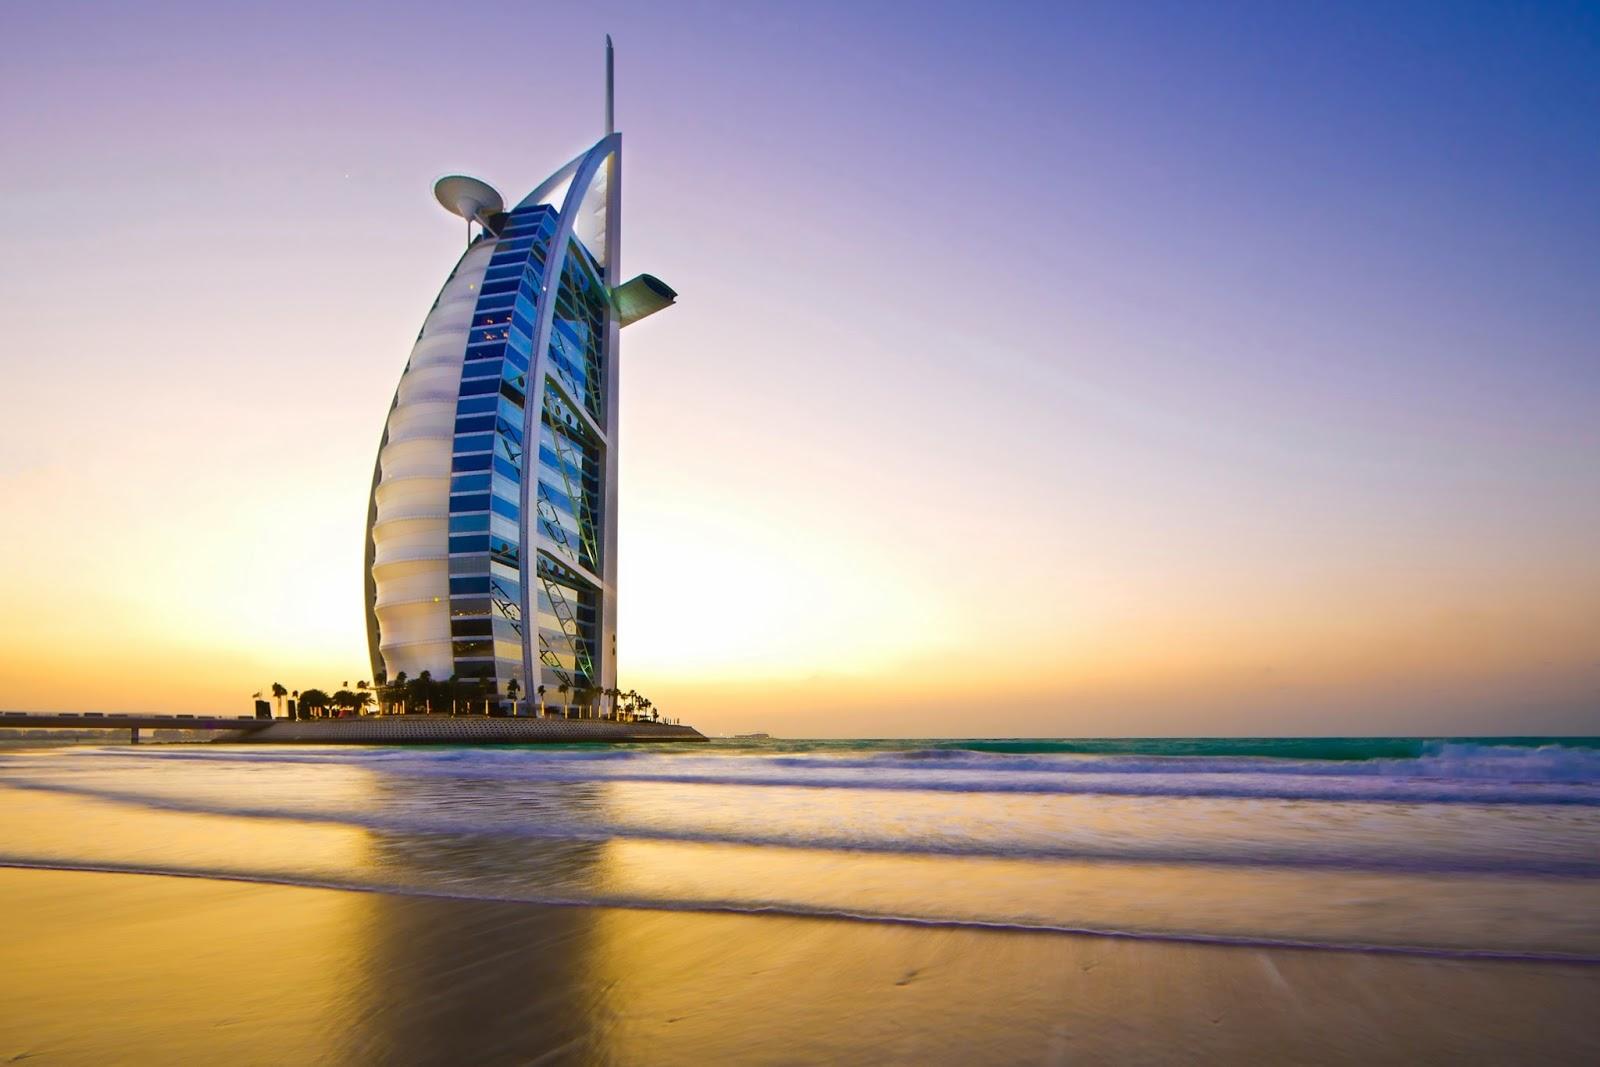 El hotel burj al arab tiene motivos para diferenciarse claramente de un hotel 5 estrellas normal además de ser uno de los 10 edificios más raros del mundo